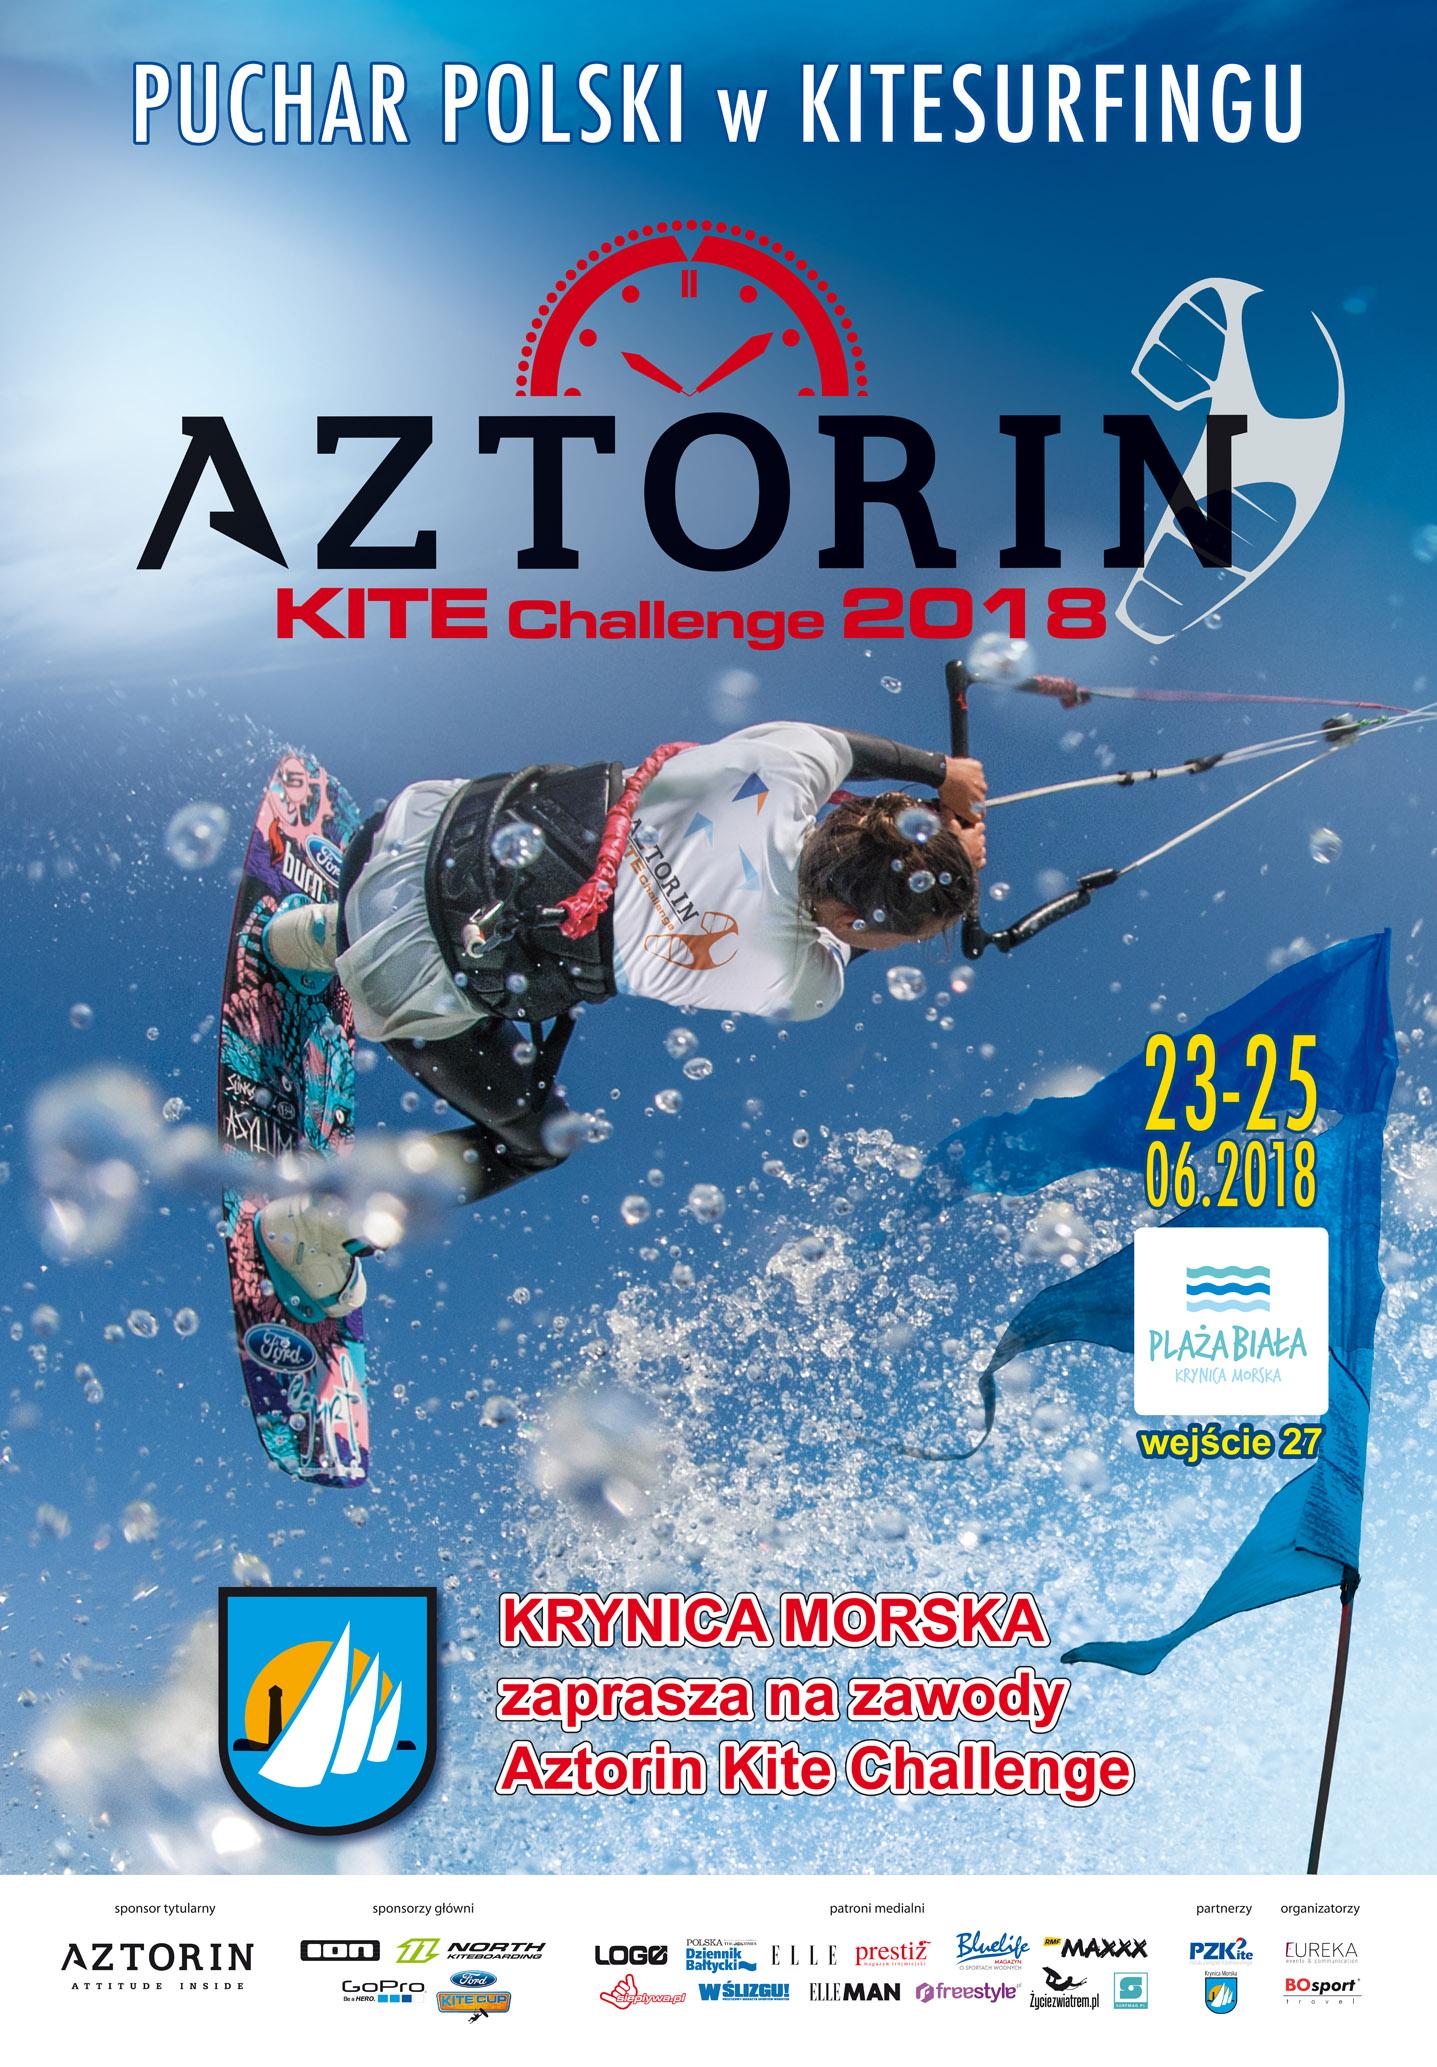 AZTORIN Kite Challenge!